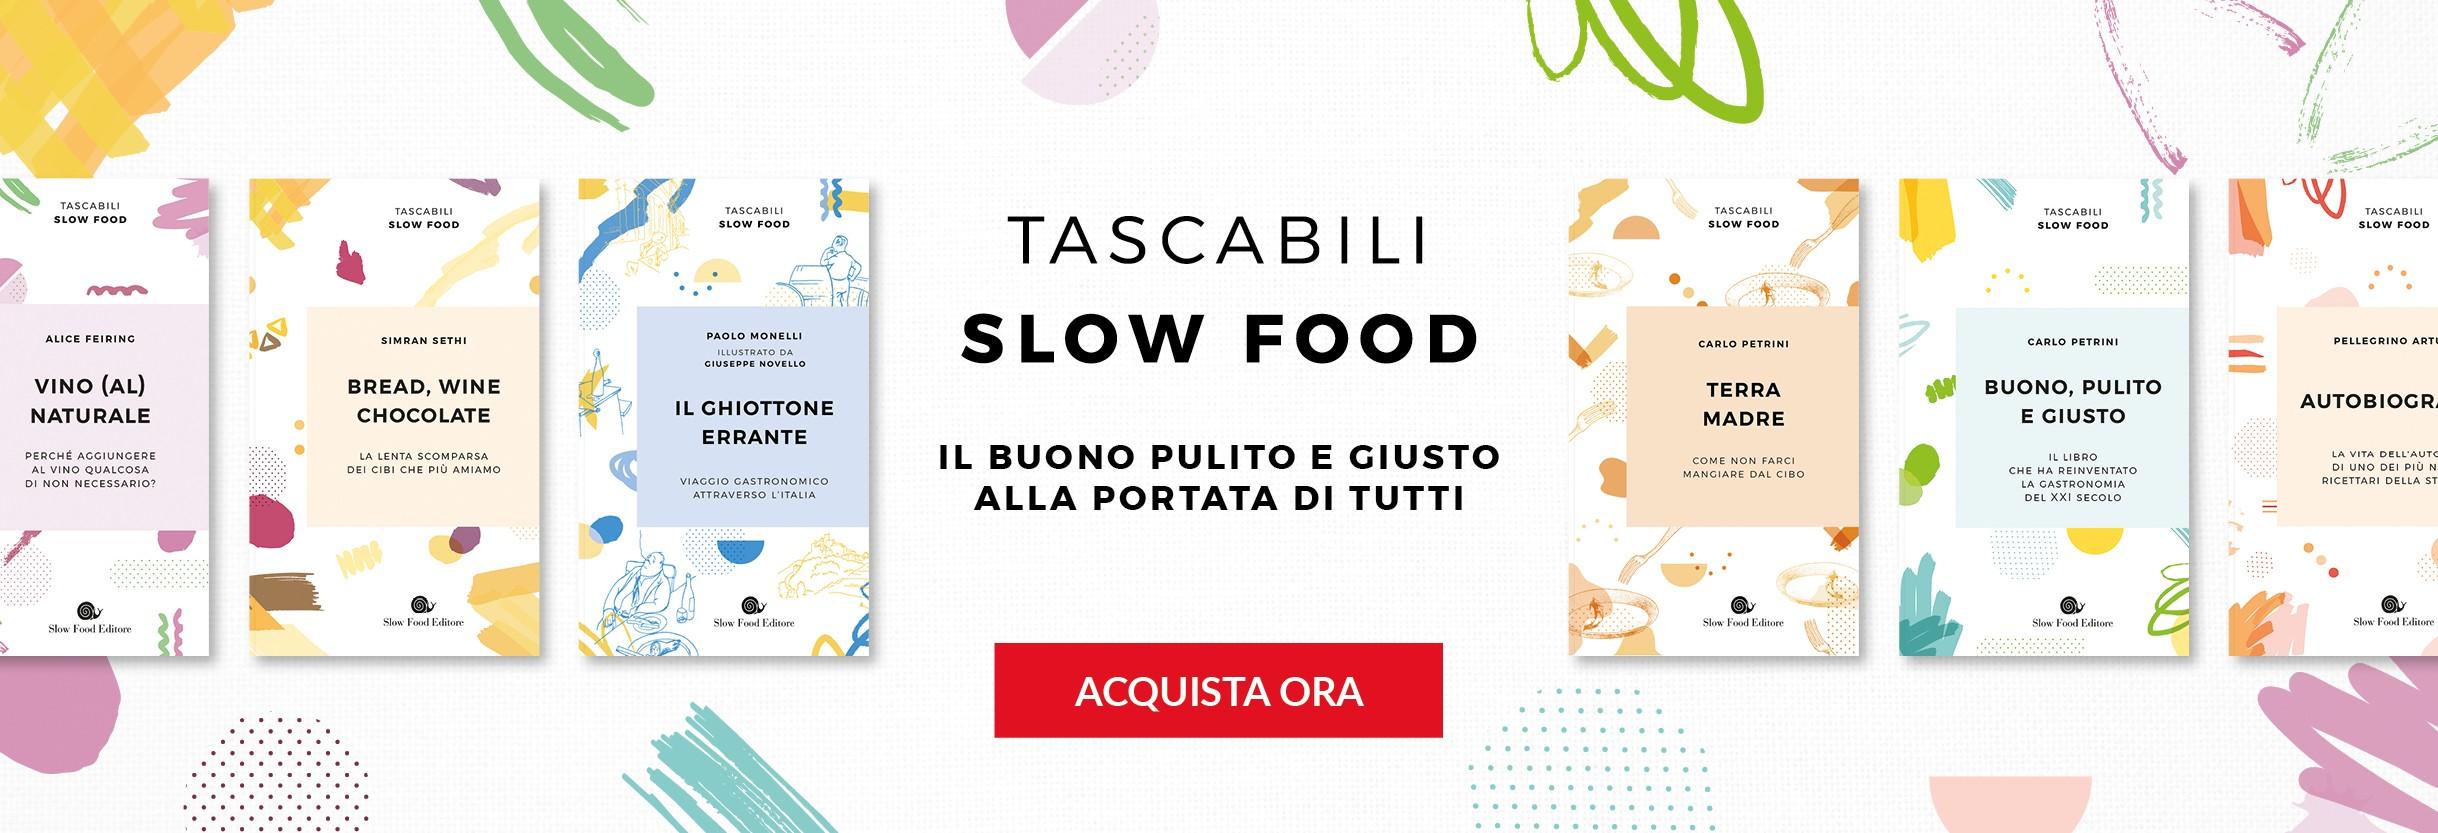 Tascabili Slow Food - Collana